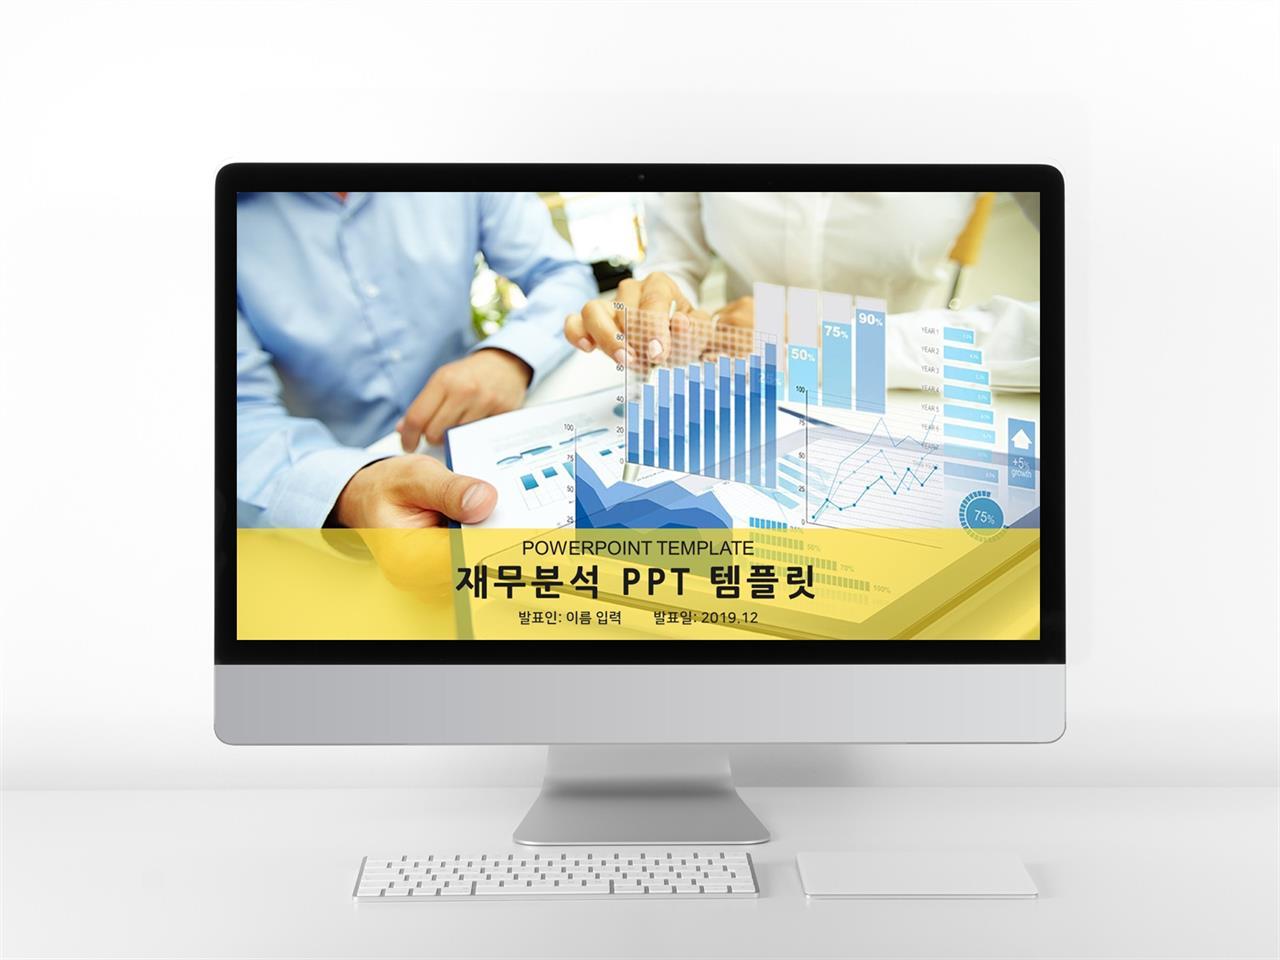 금융투자 노랑색 화려한 프레젠테이션 PPT서식 만들기 미리보기